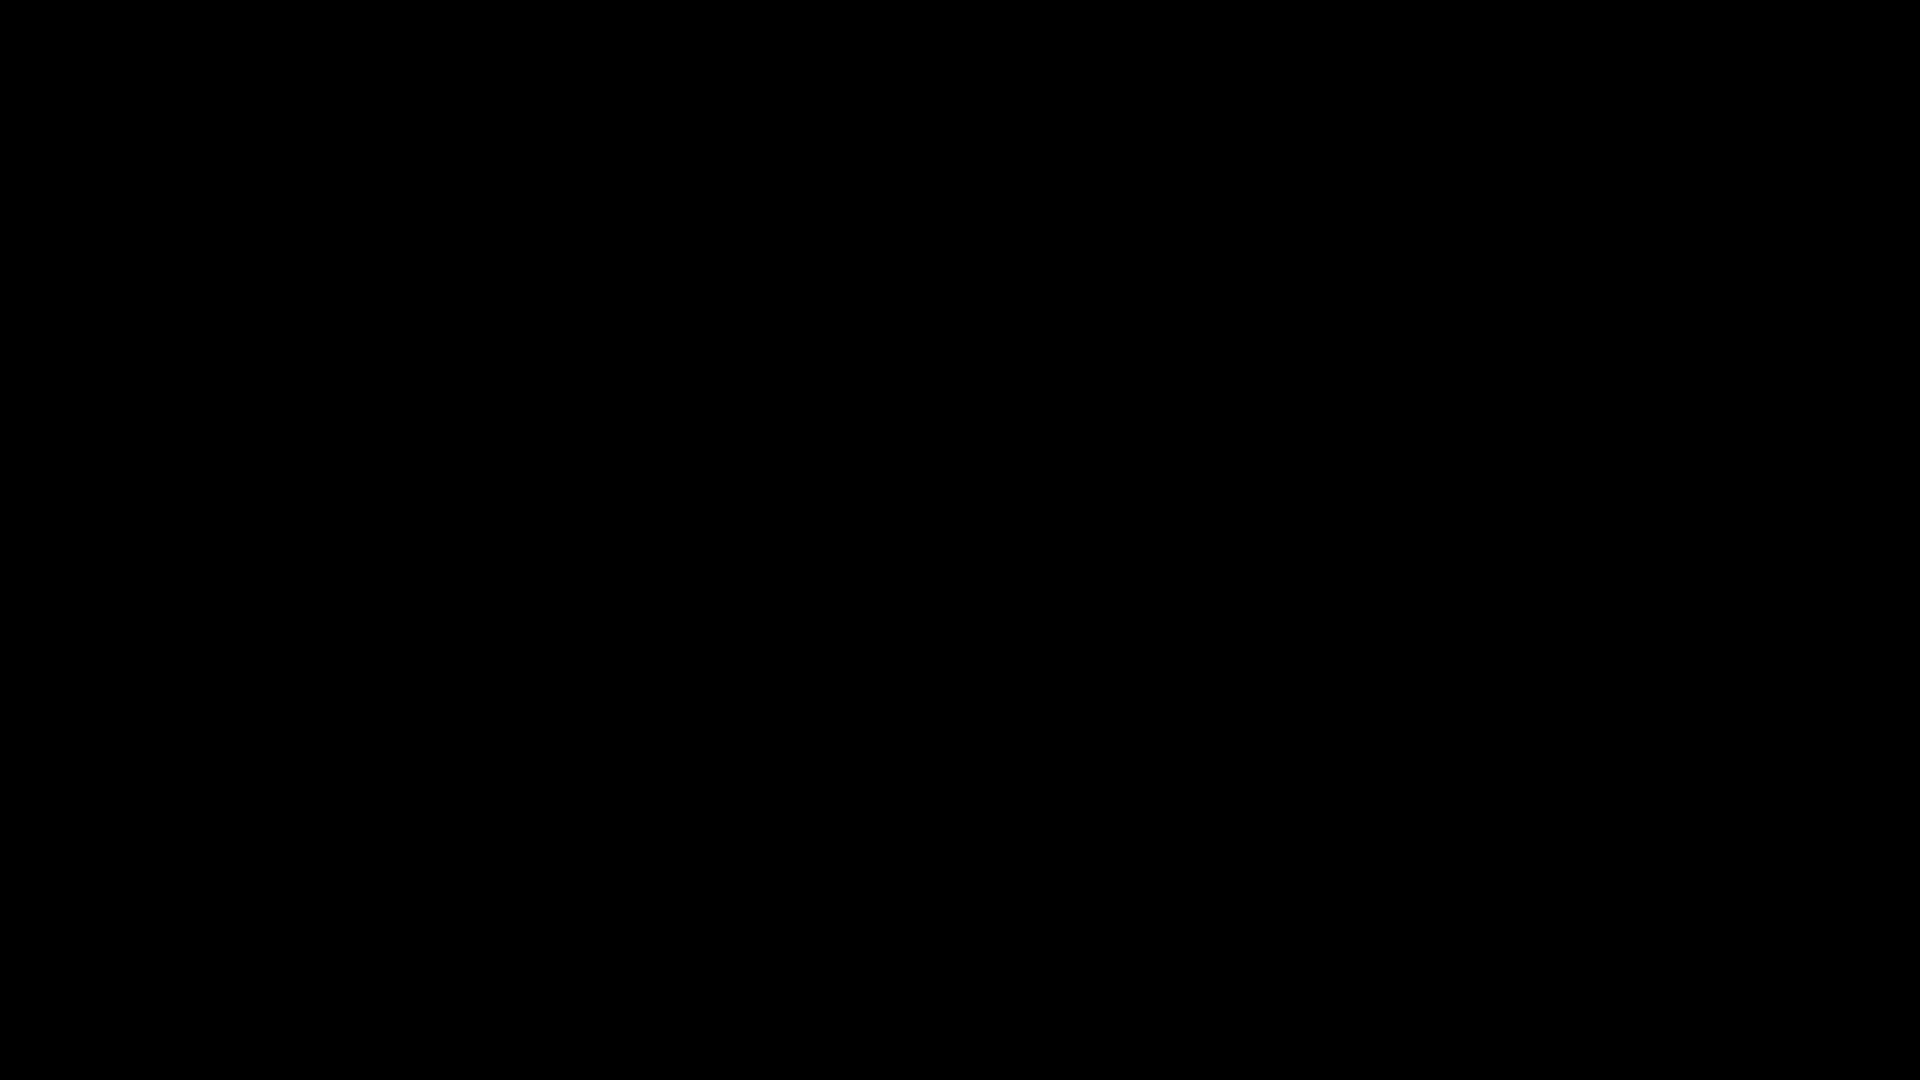 SVG placeholder